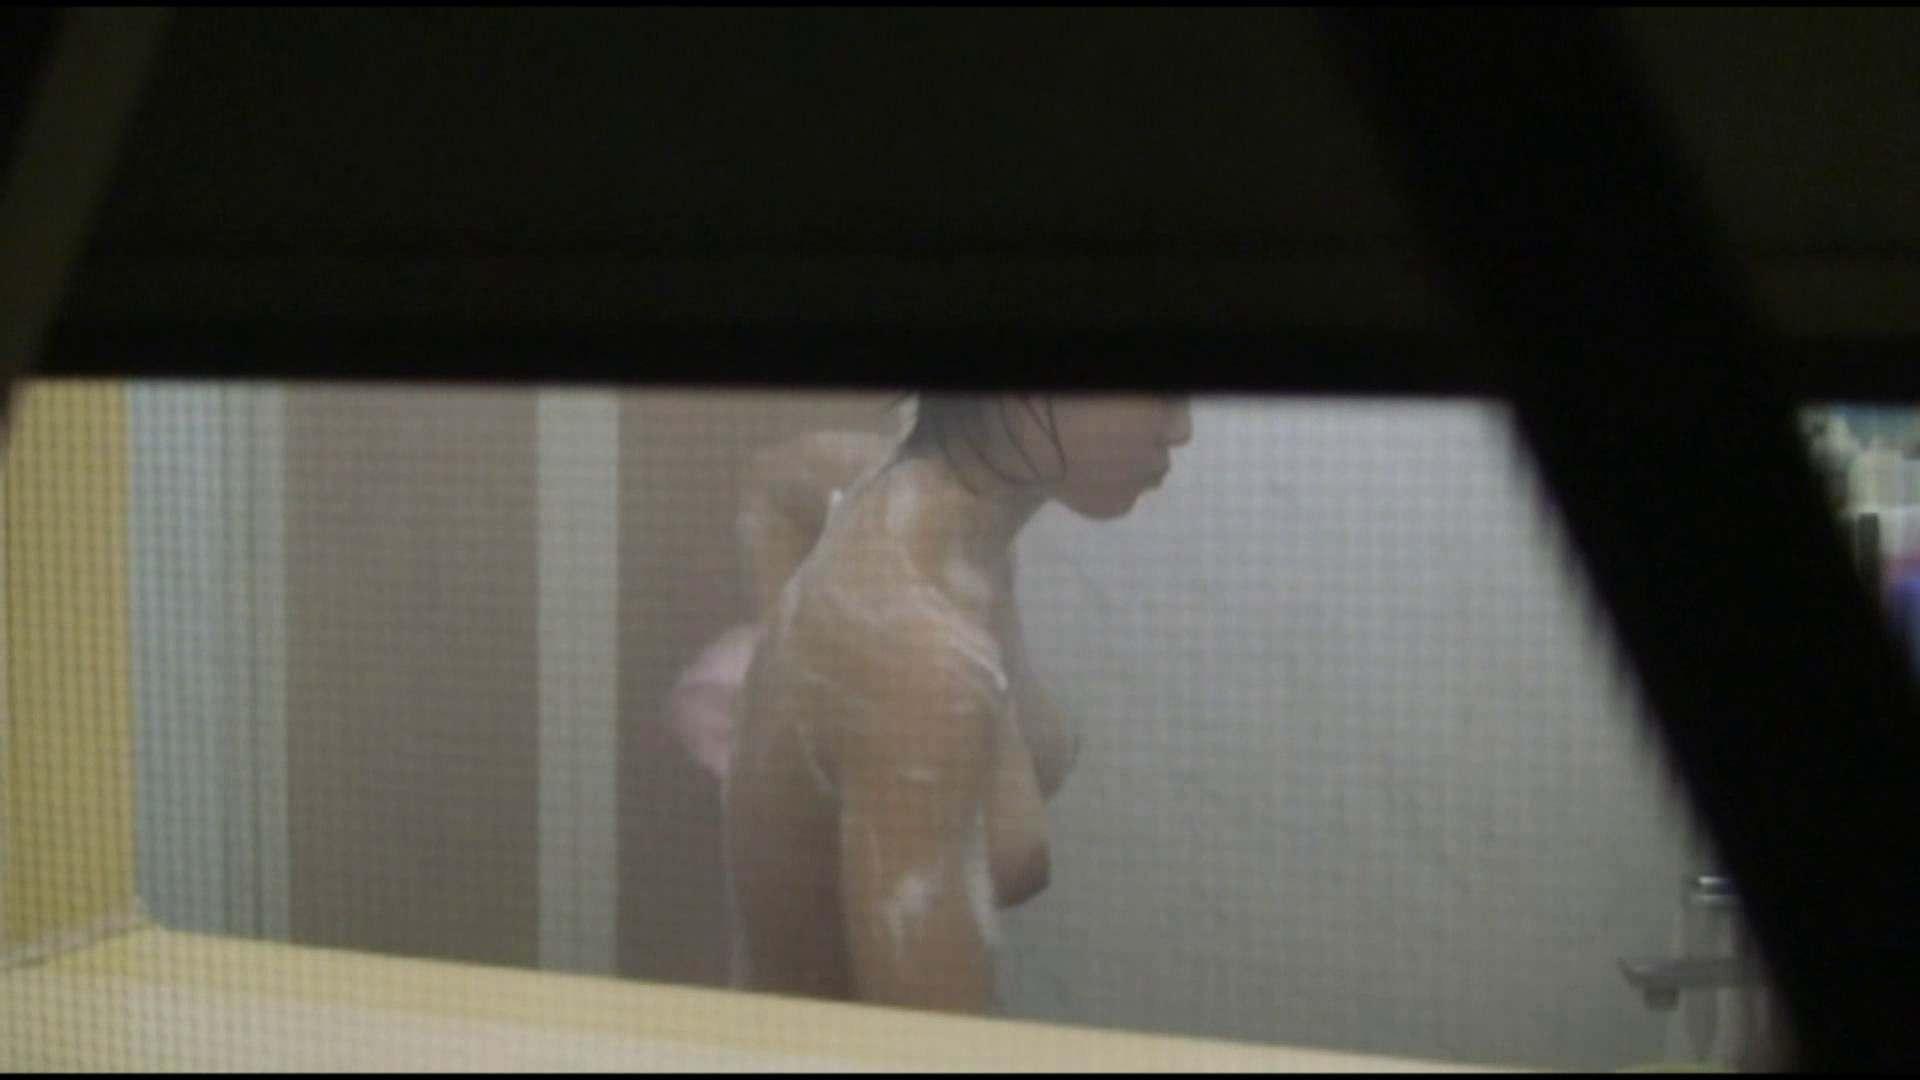 vol.04巨乳美人のおっぱいがプルルンッと弾けてます!風呂上りも必見 おっぱい オマンコ動画キャプチャ 105連発 95